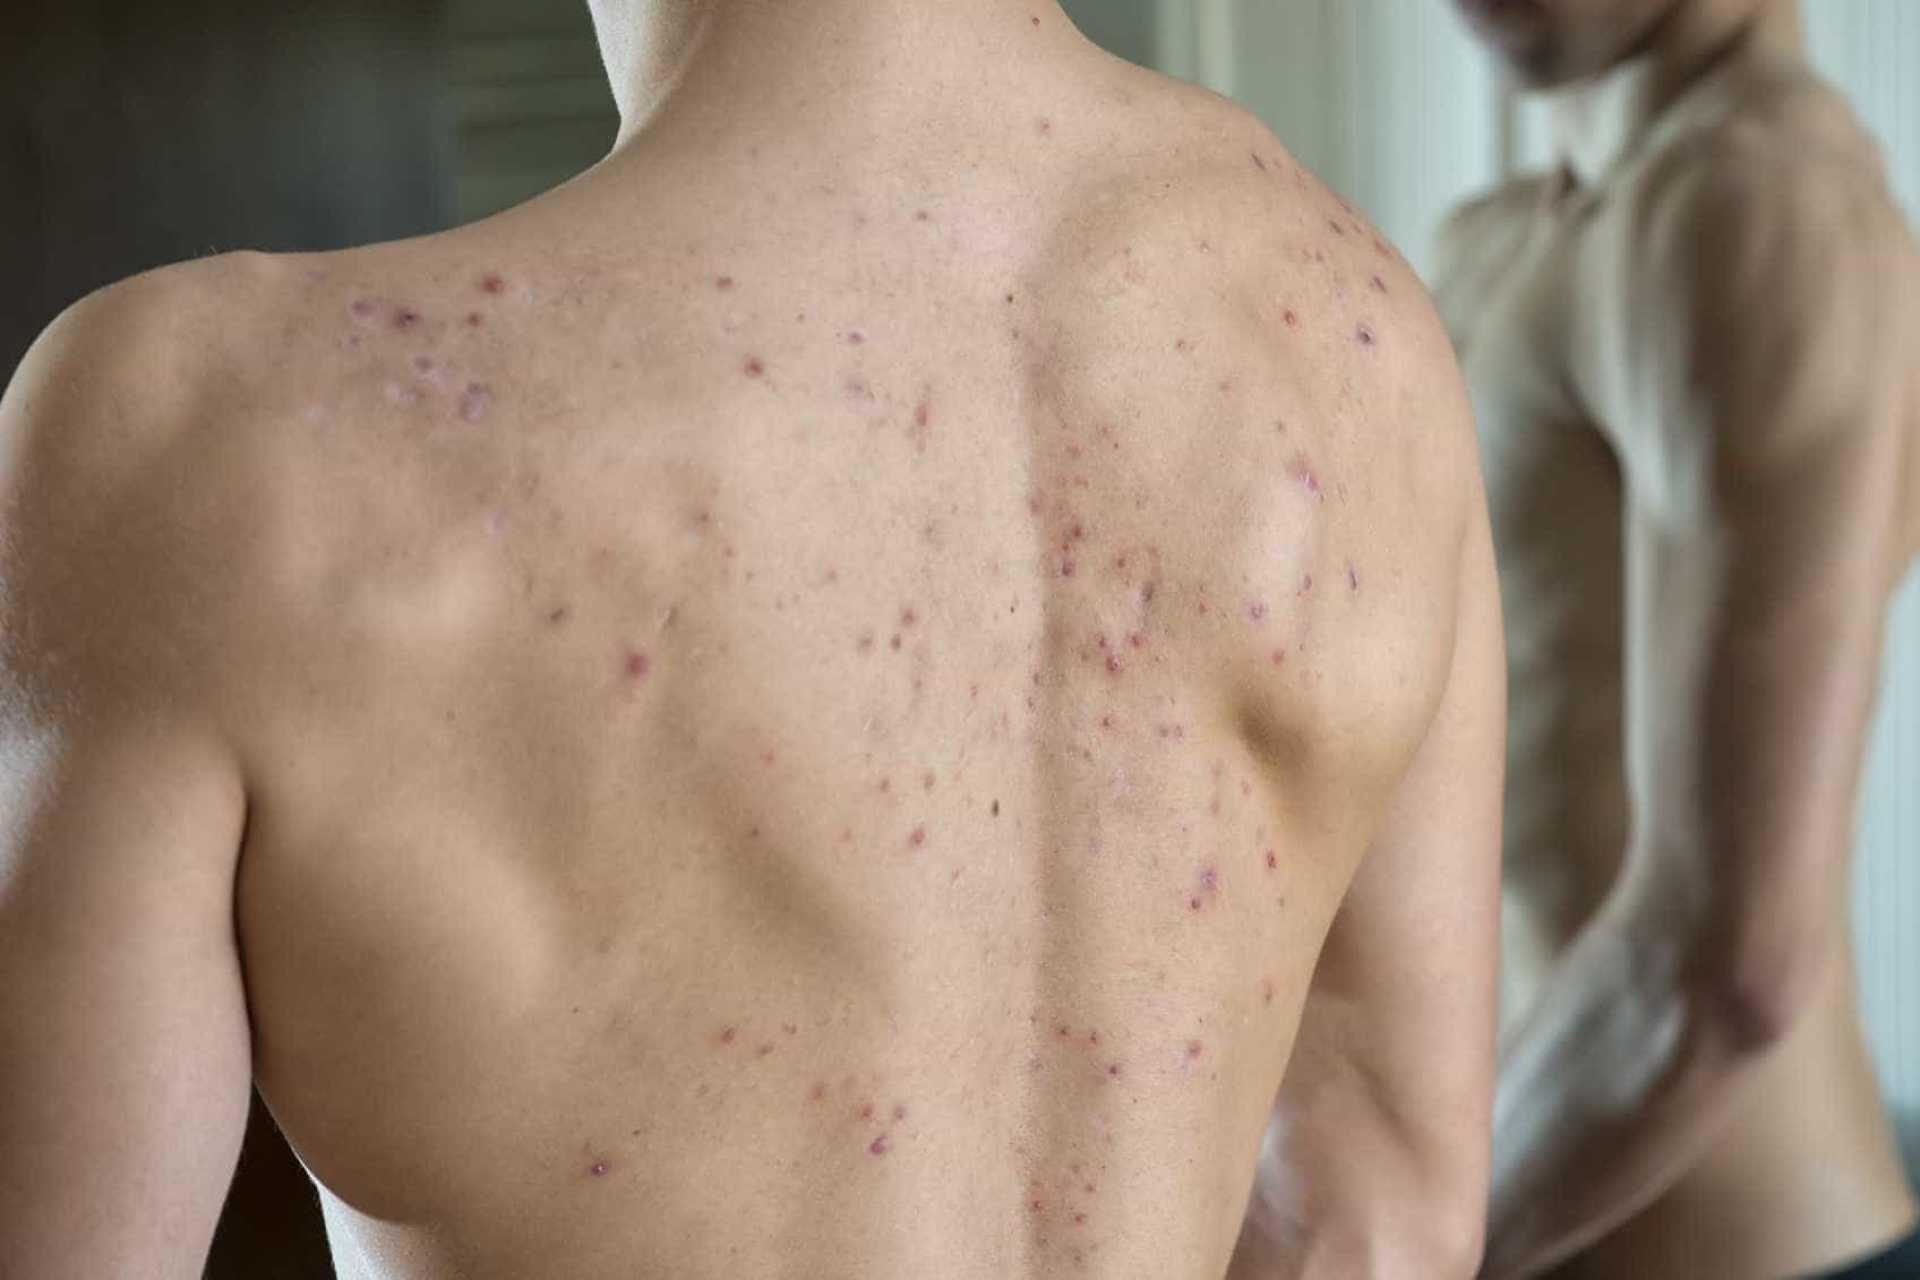 Có 5 vùng cơ thể rất dễ bị bỏ qua khi tắm khiến vi khuẩn sinh sôi khắp người bạn - Ảnh 5.